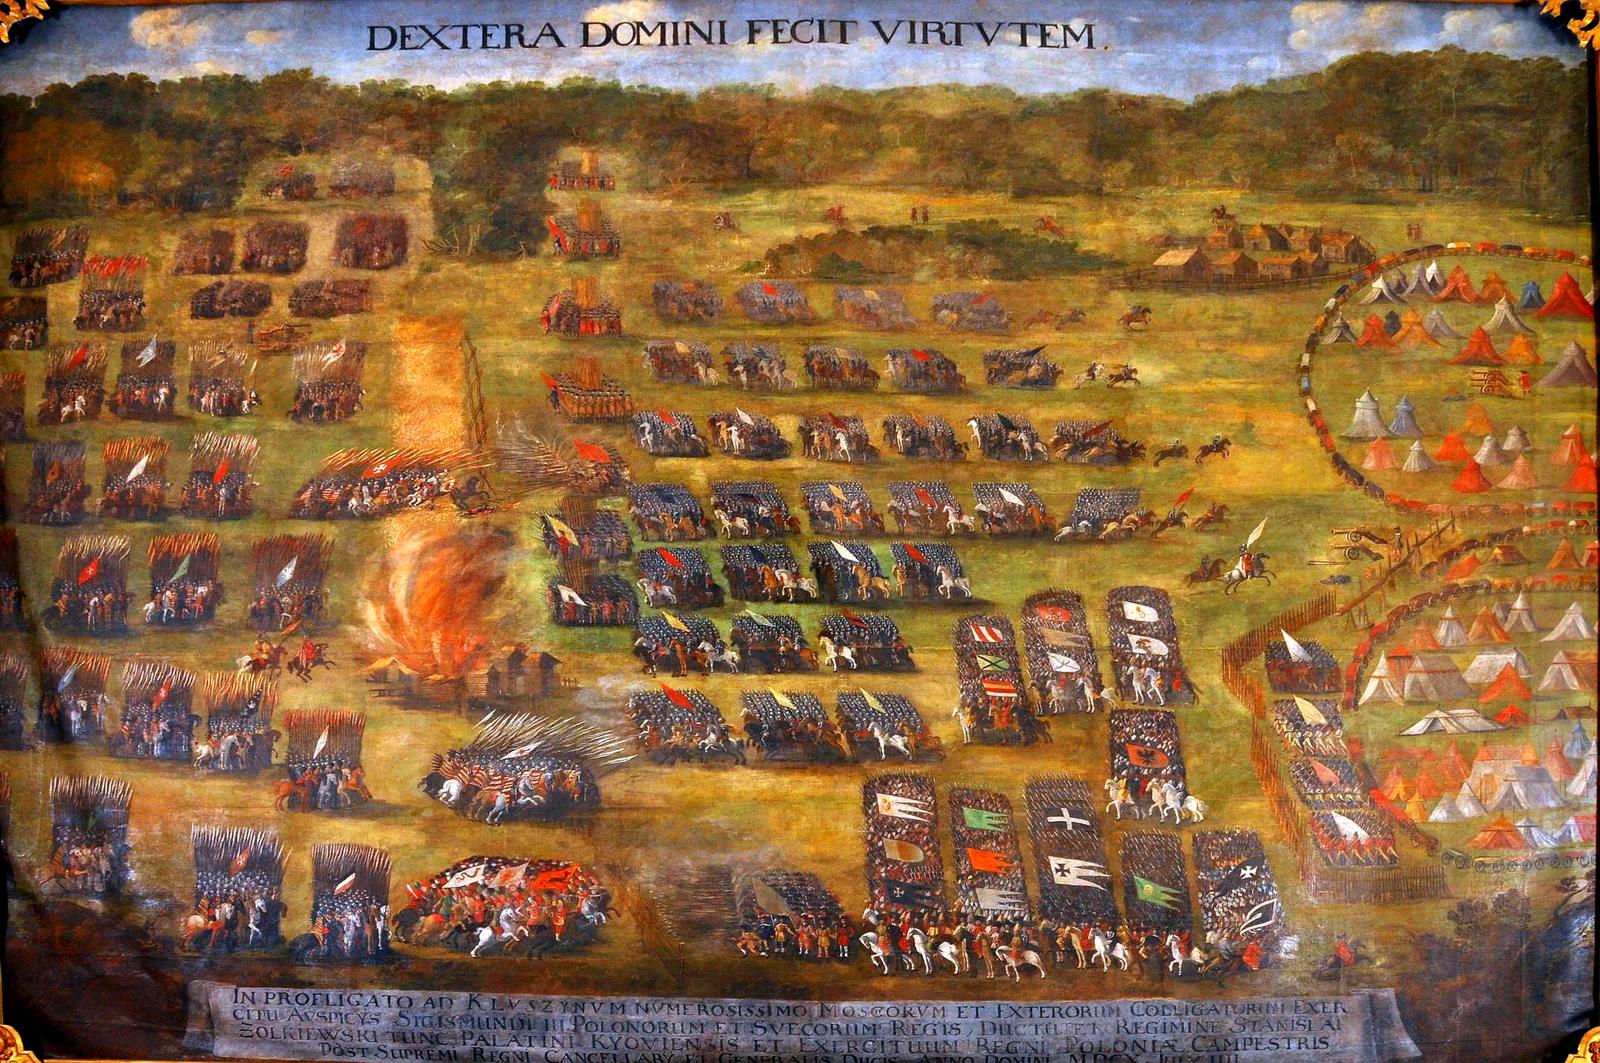 obraz ukazuje symboliczne wyobrażenie ataku husarii wczasie bitwypod Kłuszynem.